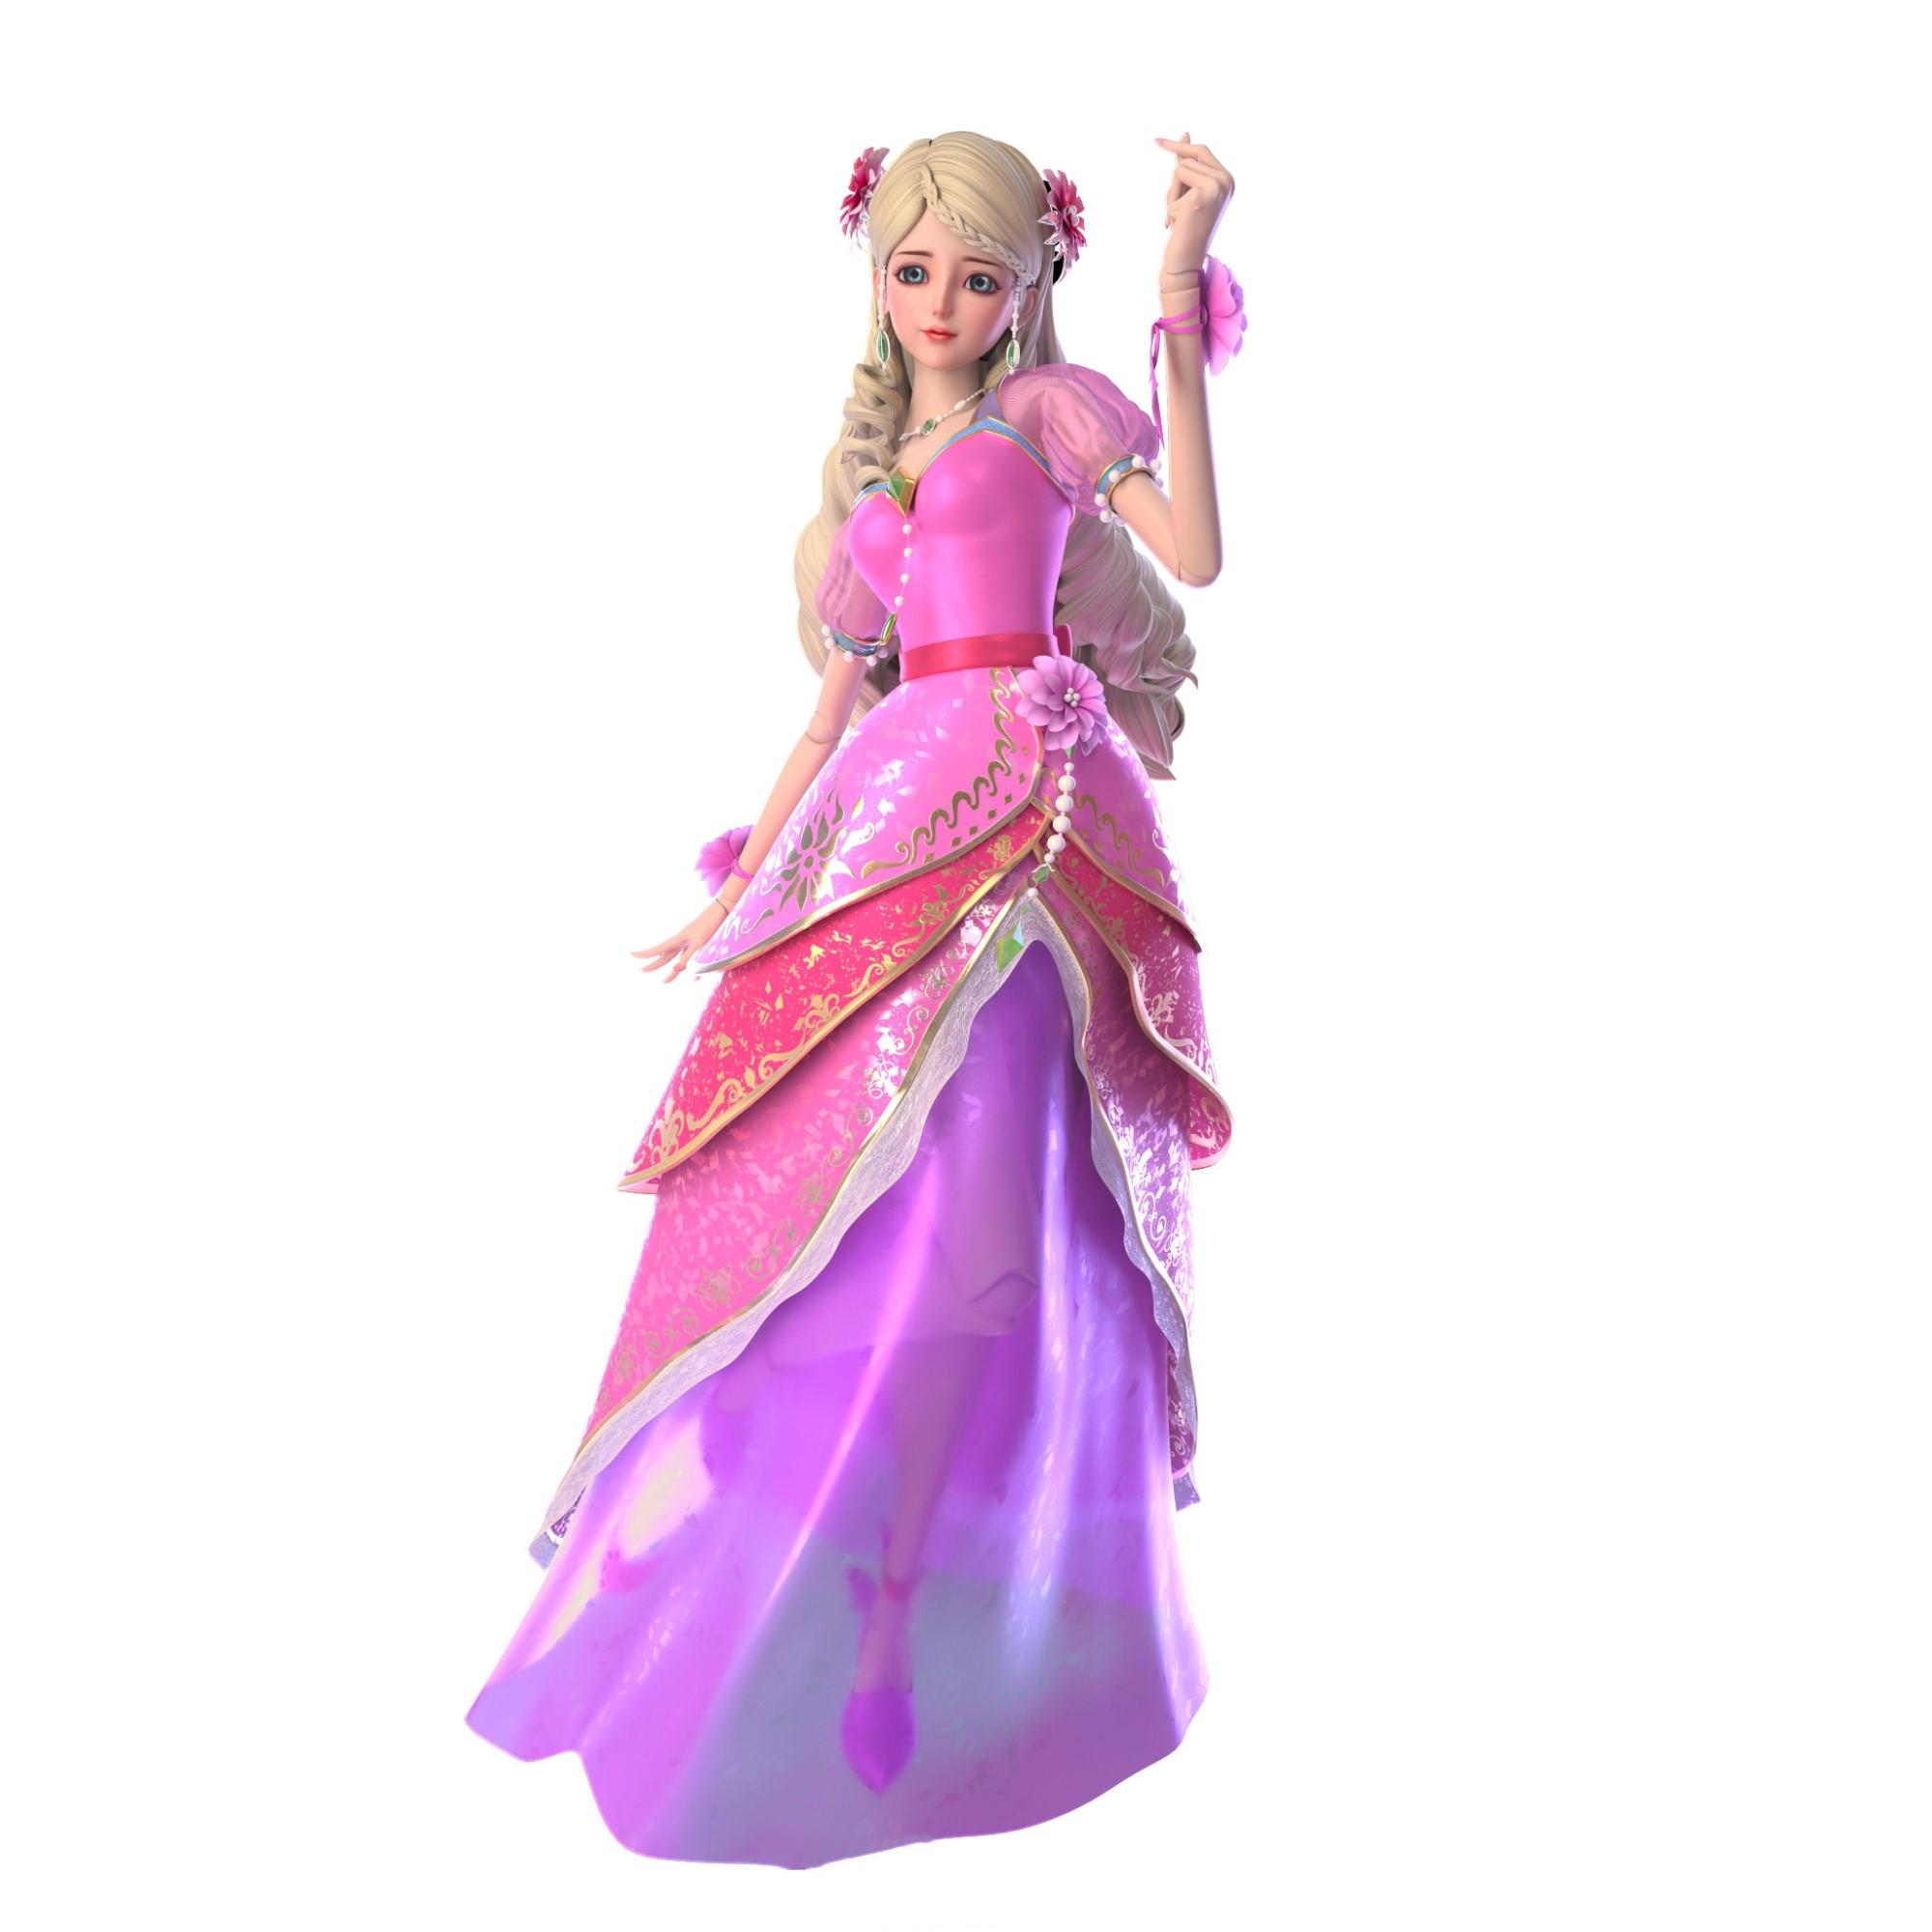 叶罗丽:仙子们的高清人物图,孔雀高贵铁希儒雅,冰公主图片